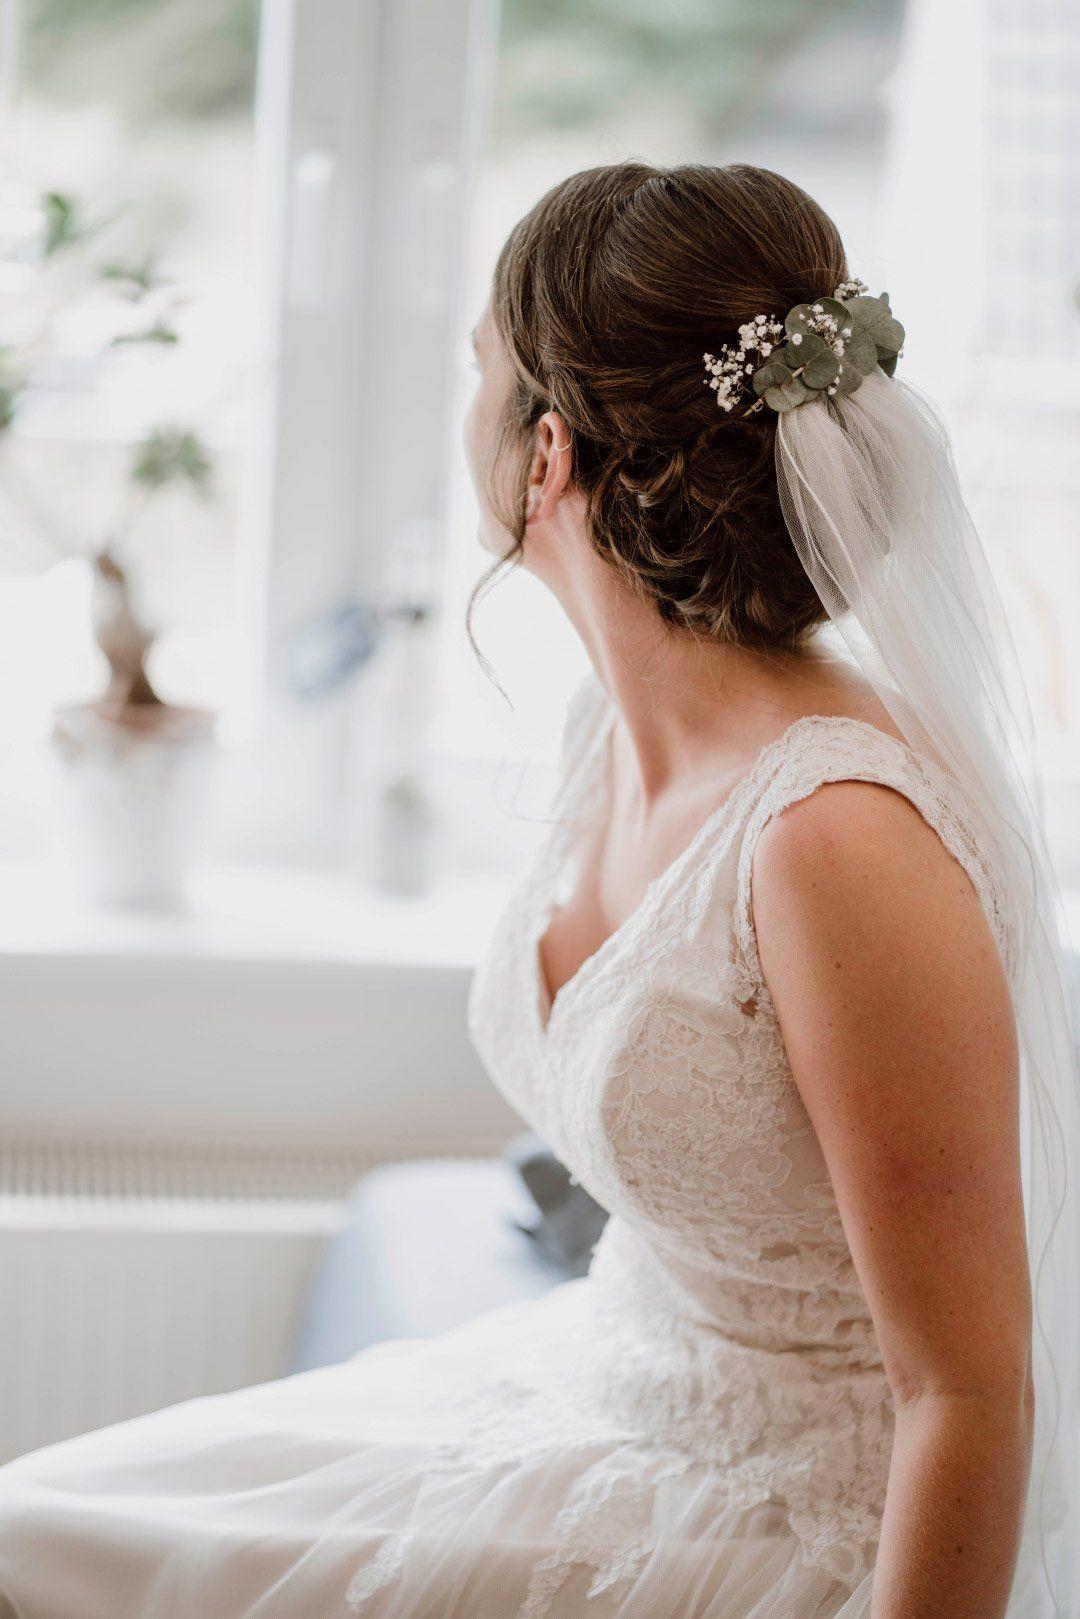 Braut Mit Schleier Und Blumen Im Haar Hochzeit Frisuren Schleier Schleier Braut Braut